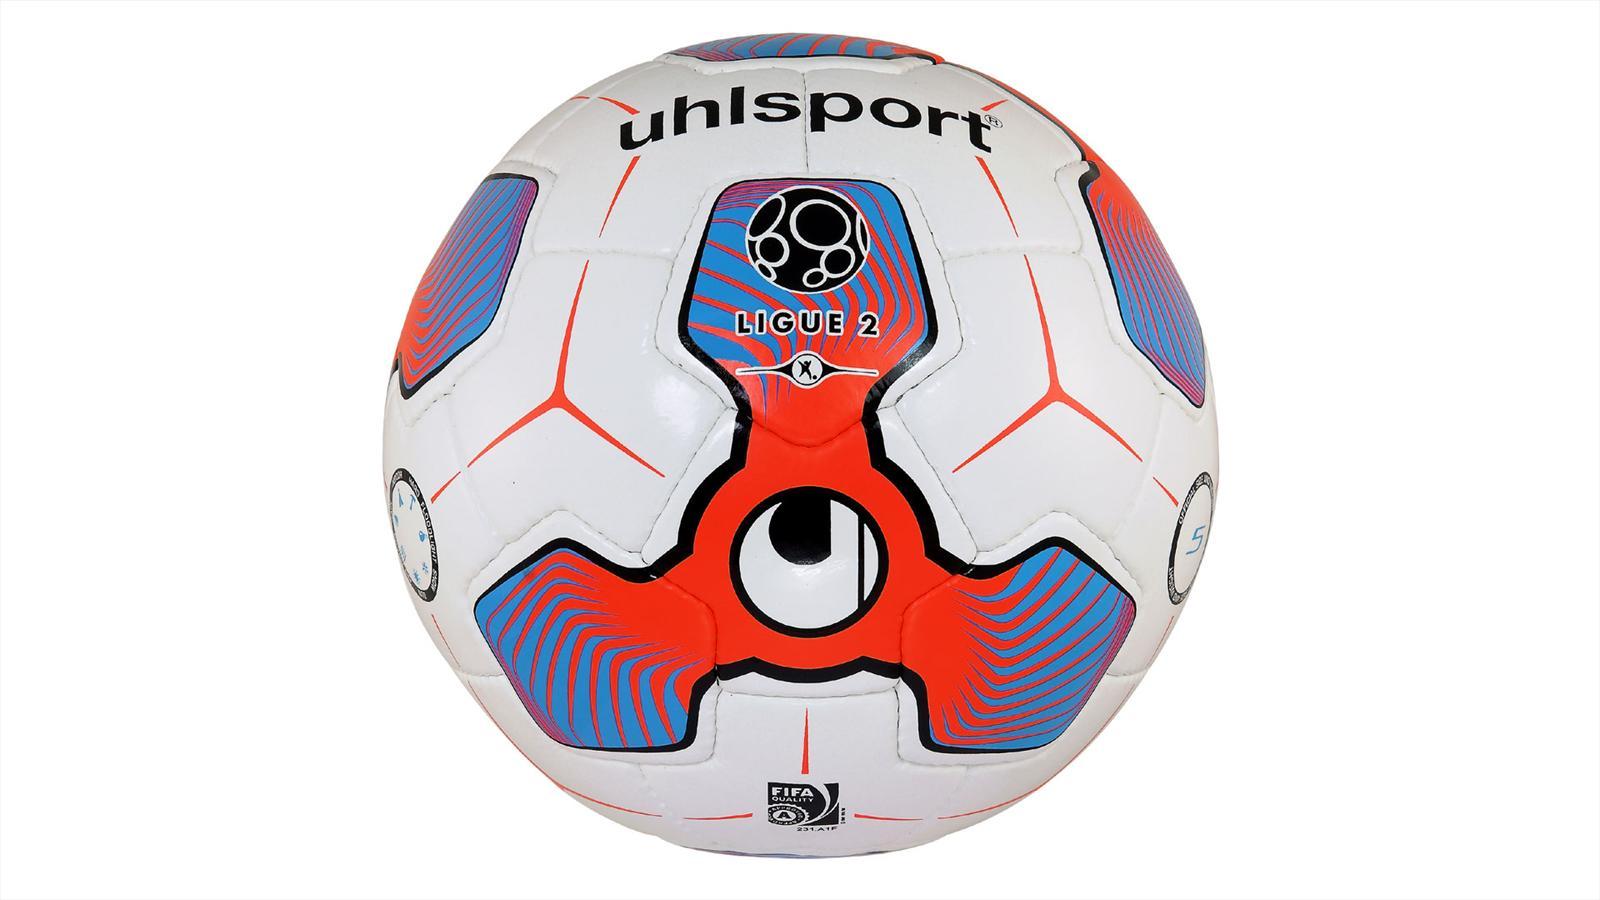 uhlsport fournira les ballons de la ligue 1 partir de 2017 economie eurosport. Black Bedroom Furniture Sets. Home Design Ideas